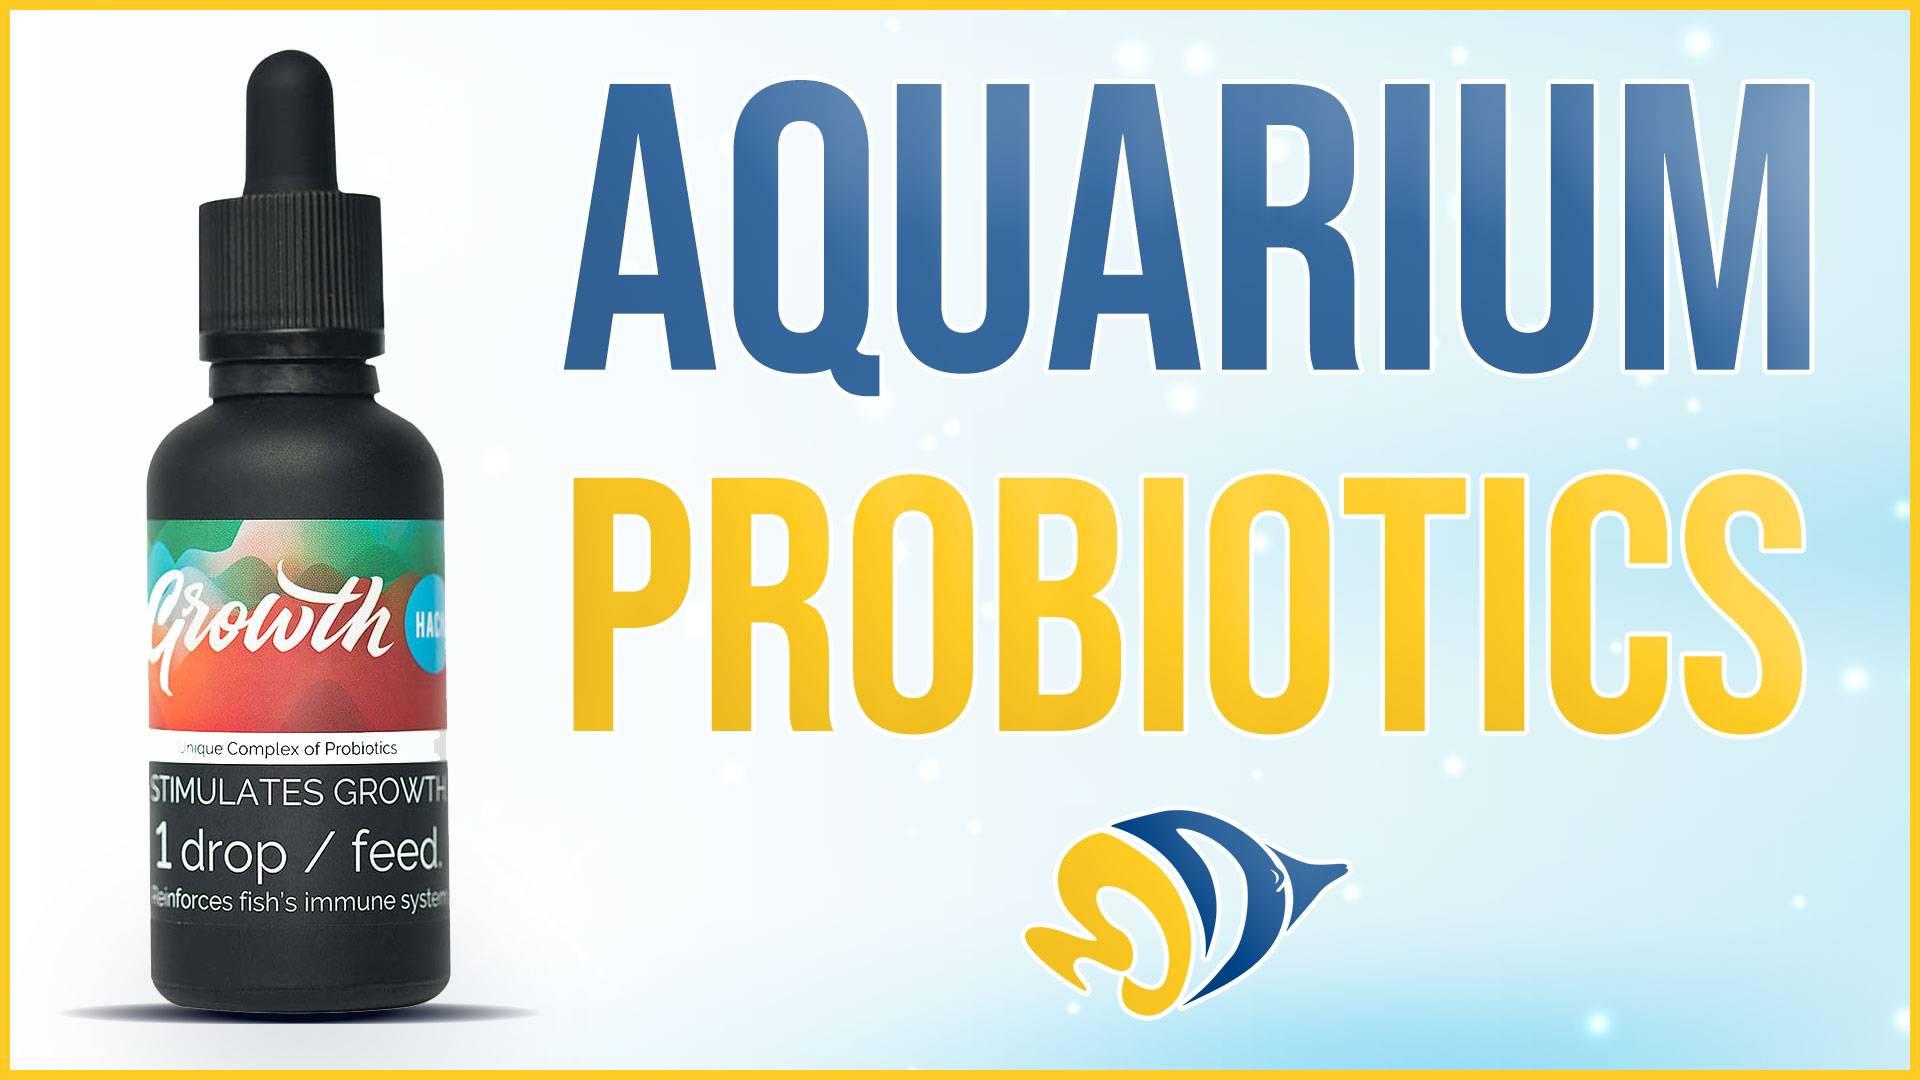 Aquarium Probiotics